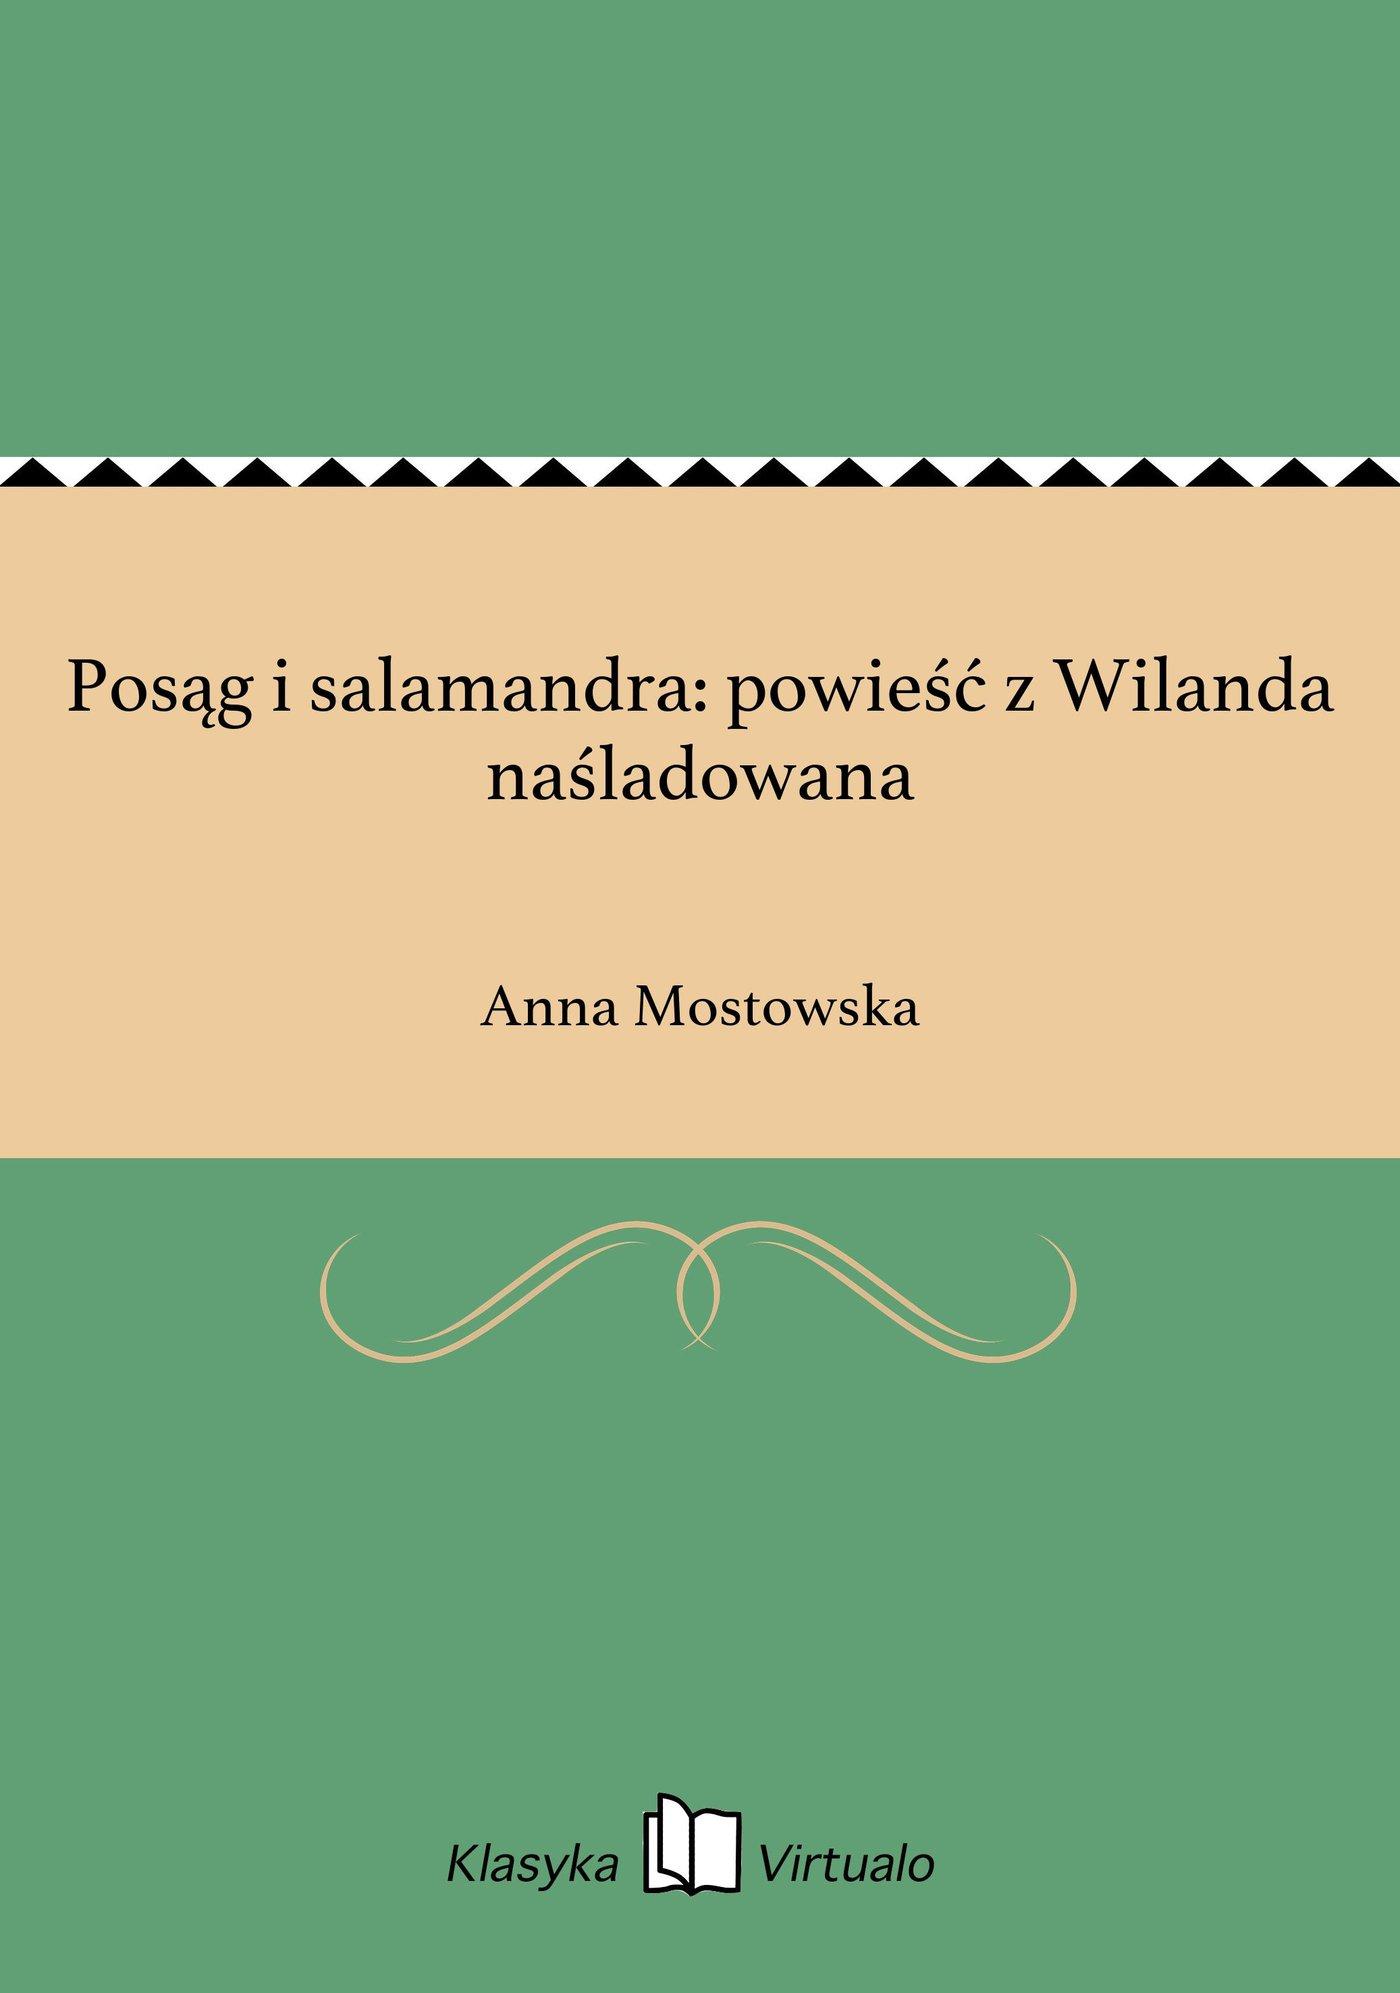 Posąg i salamandra: powieść z Wilanda naśladowana - Ebook (Książka EPUB) do pobrania w formacie EPUB